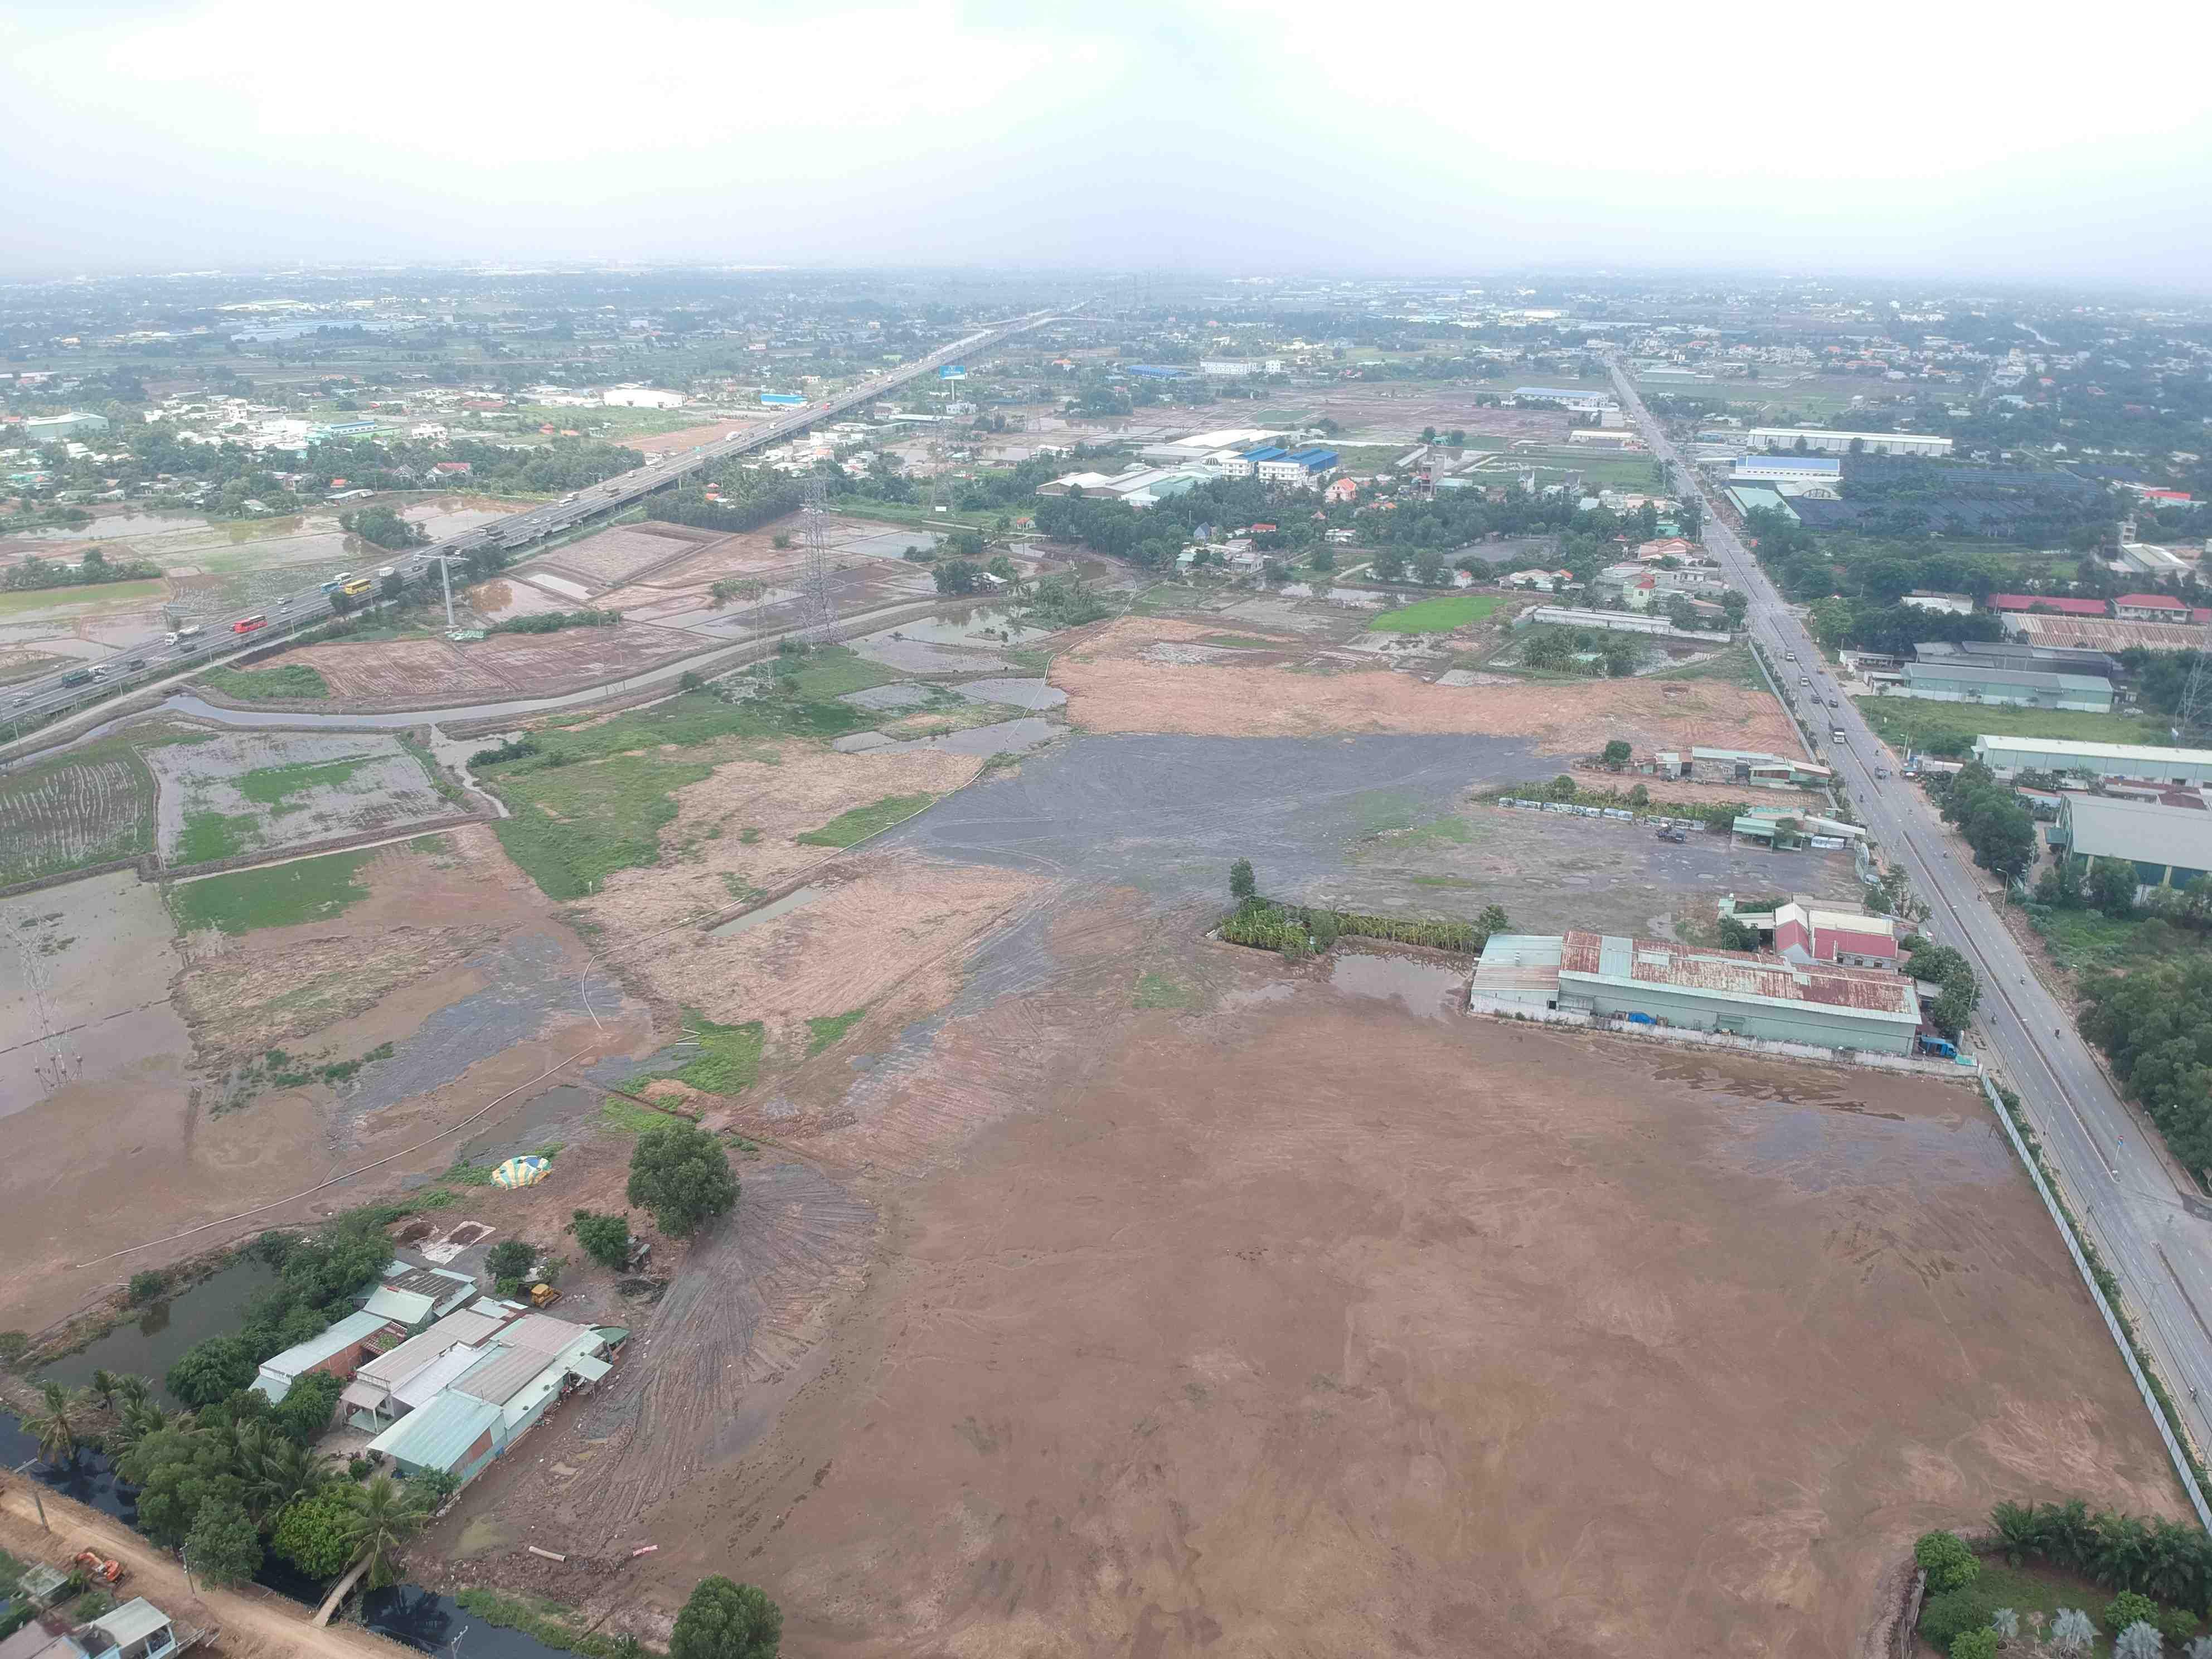 Bất động sản - Dự án An Lạc Riverside: Chưa xong cơ sở hạ tầng sàn môi giới đã rao bán rầm rộ